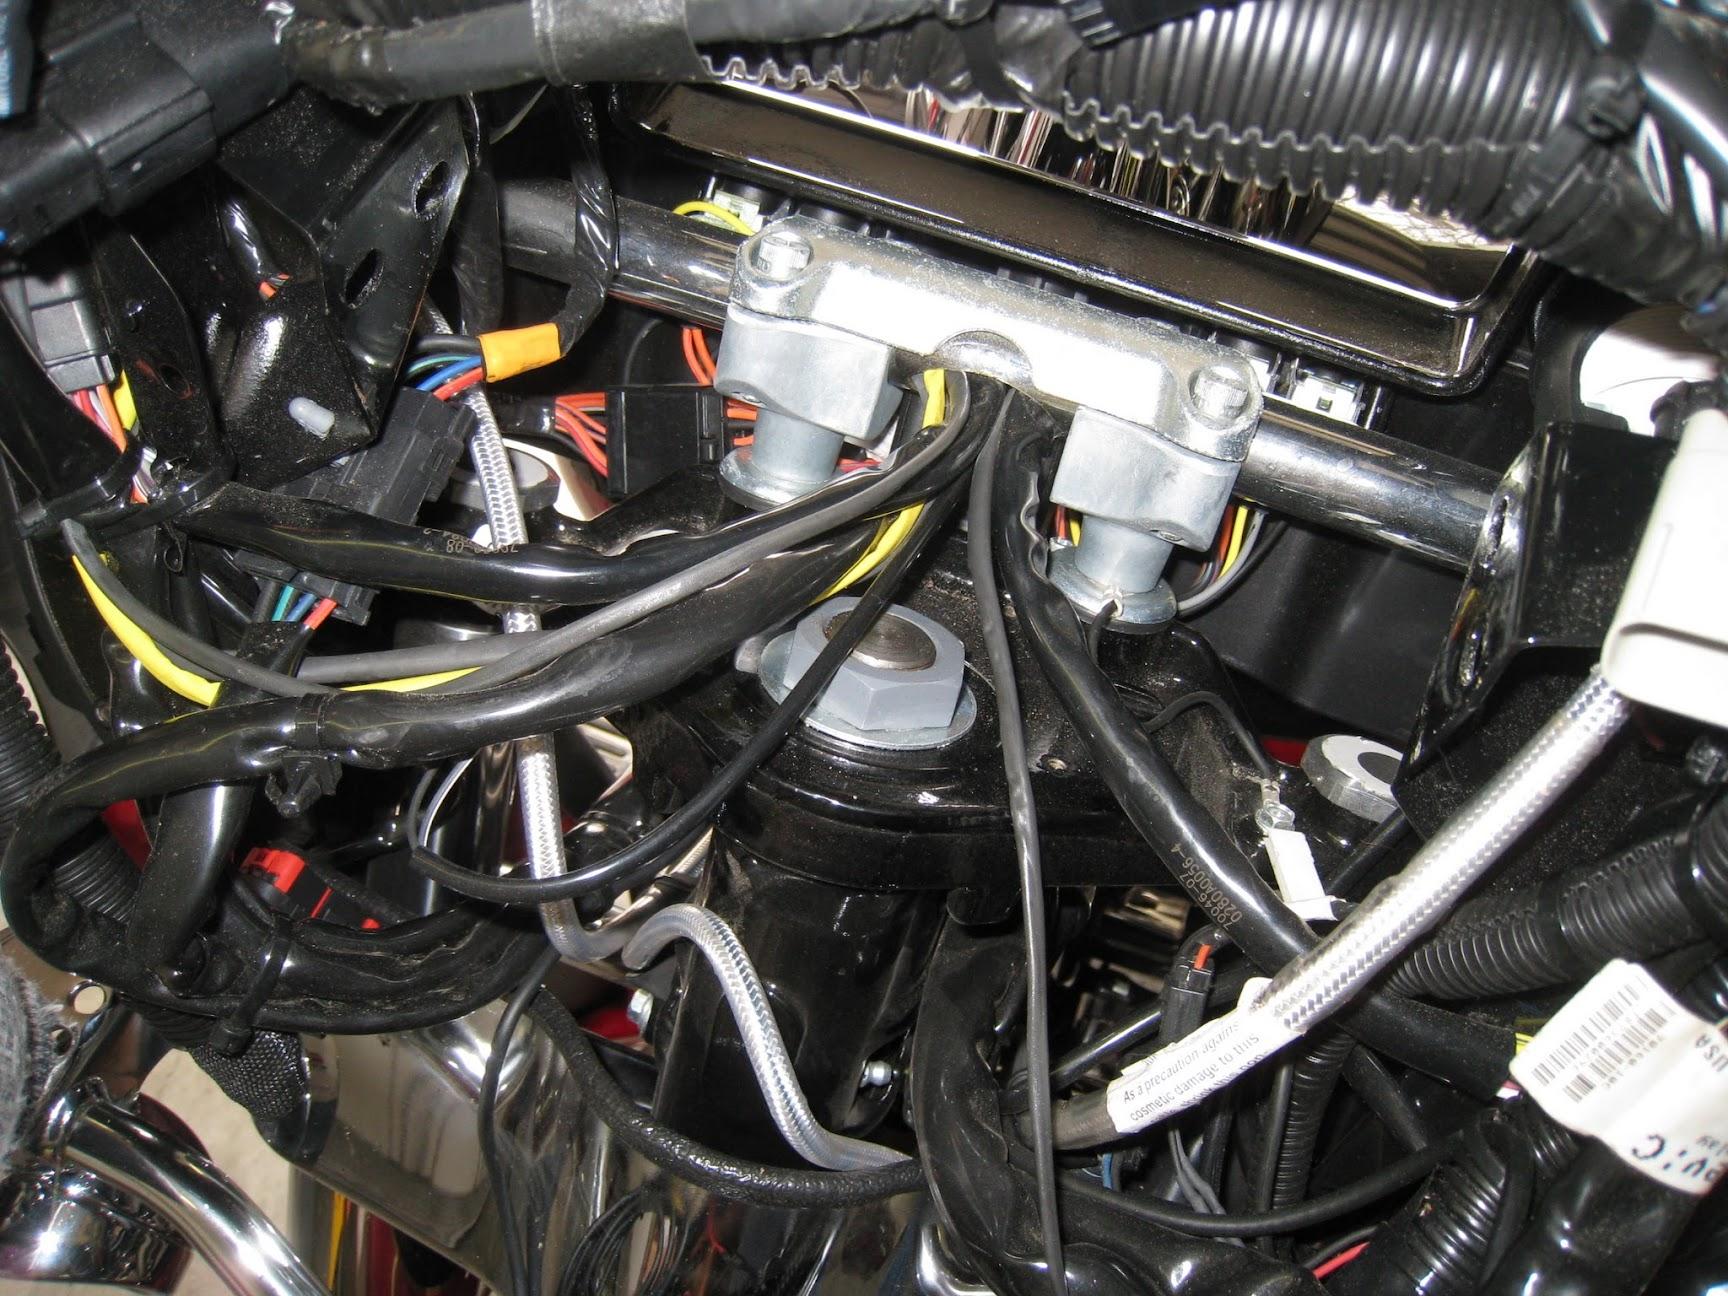 IMG_0078 Harley Davidson Headset Wiring Diagram on